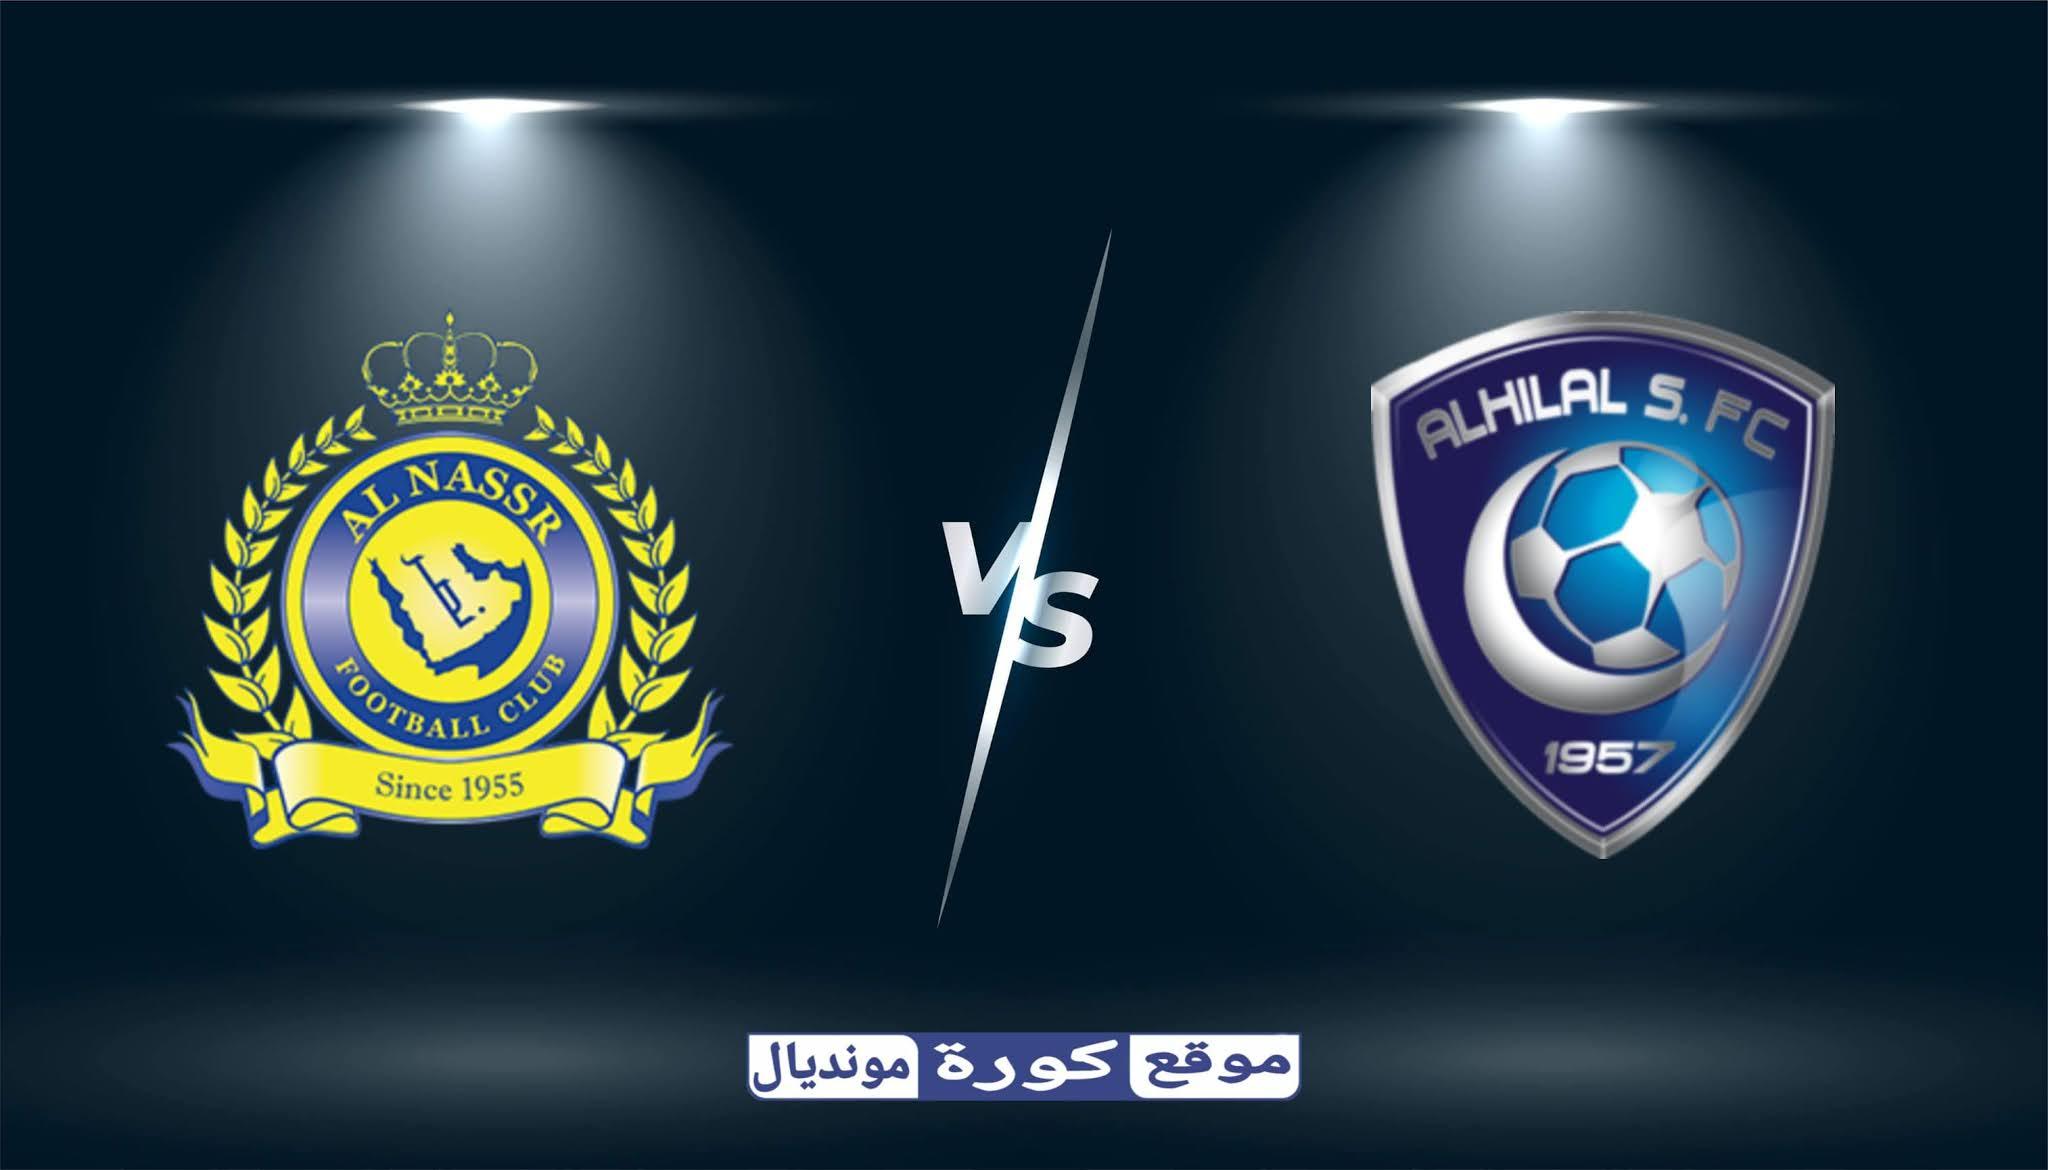 مشاهدة مباراة الهلال و النصر بث مباشر اليوم  في نهائي كأس خادم الحرمين الشريفين